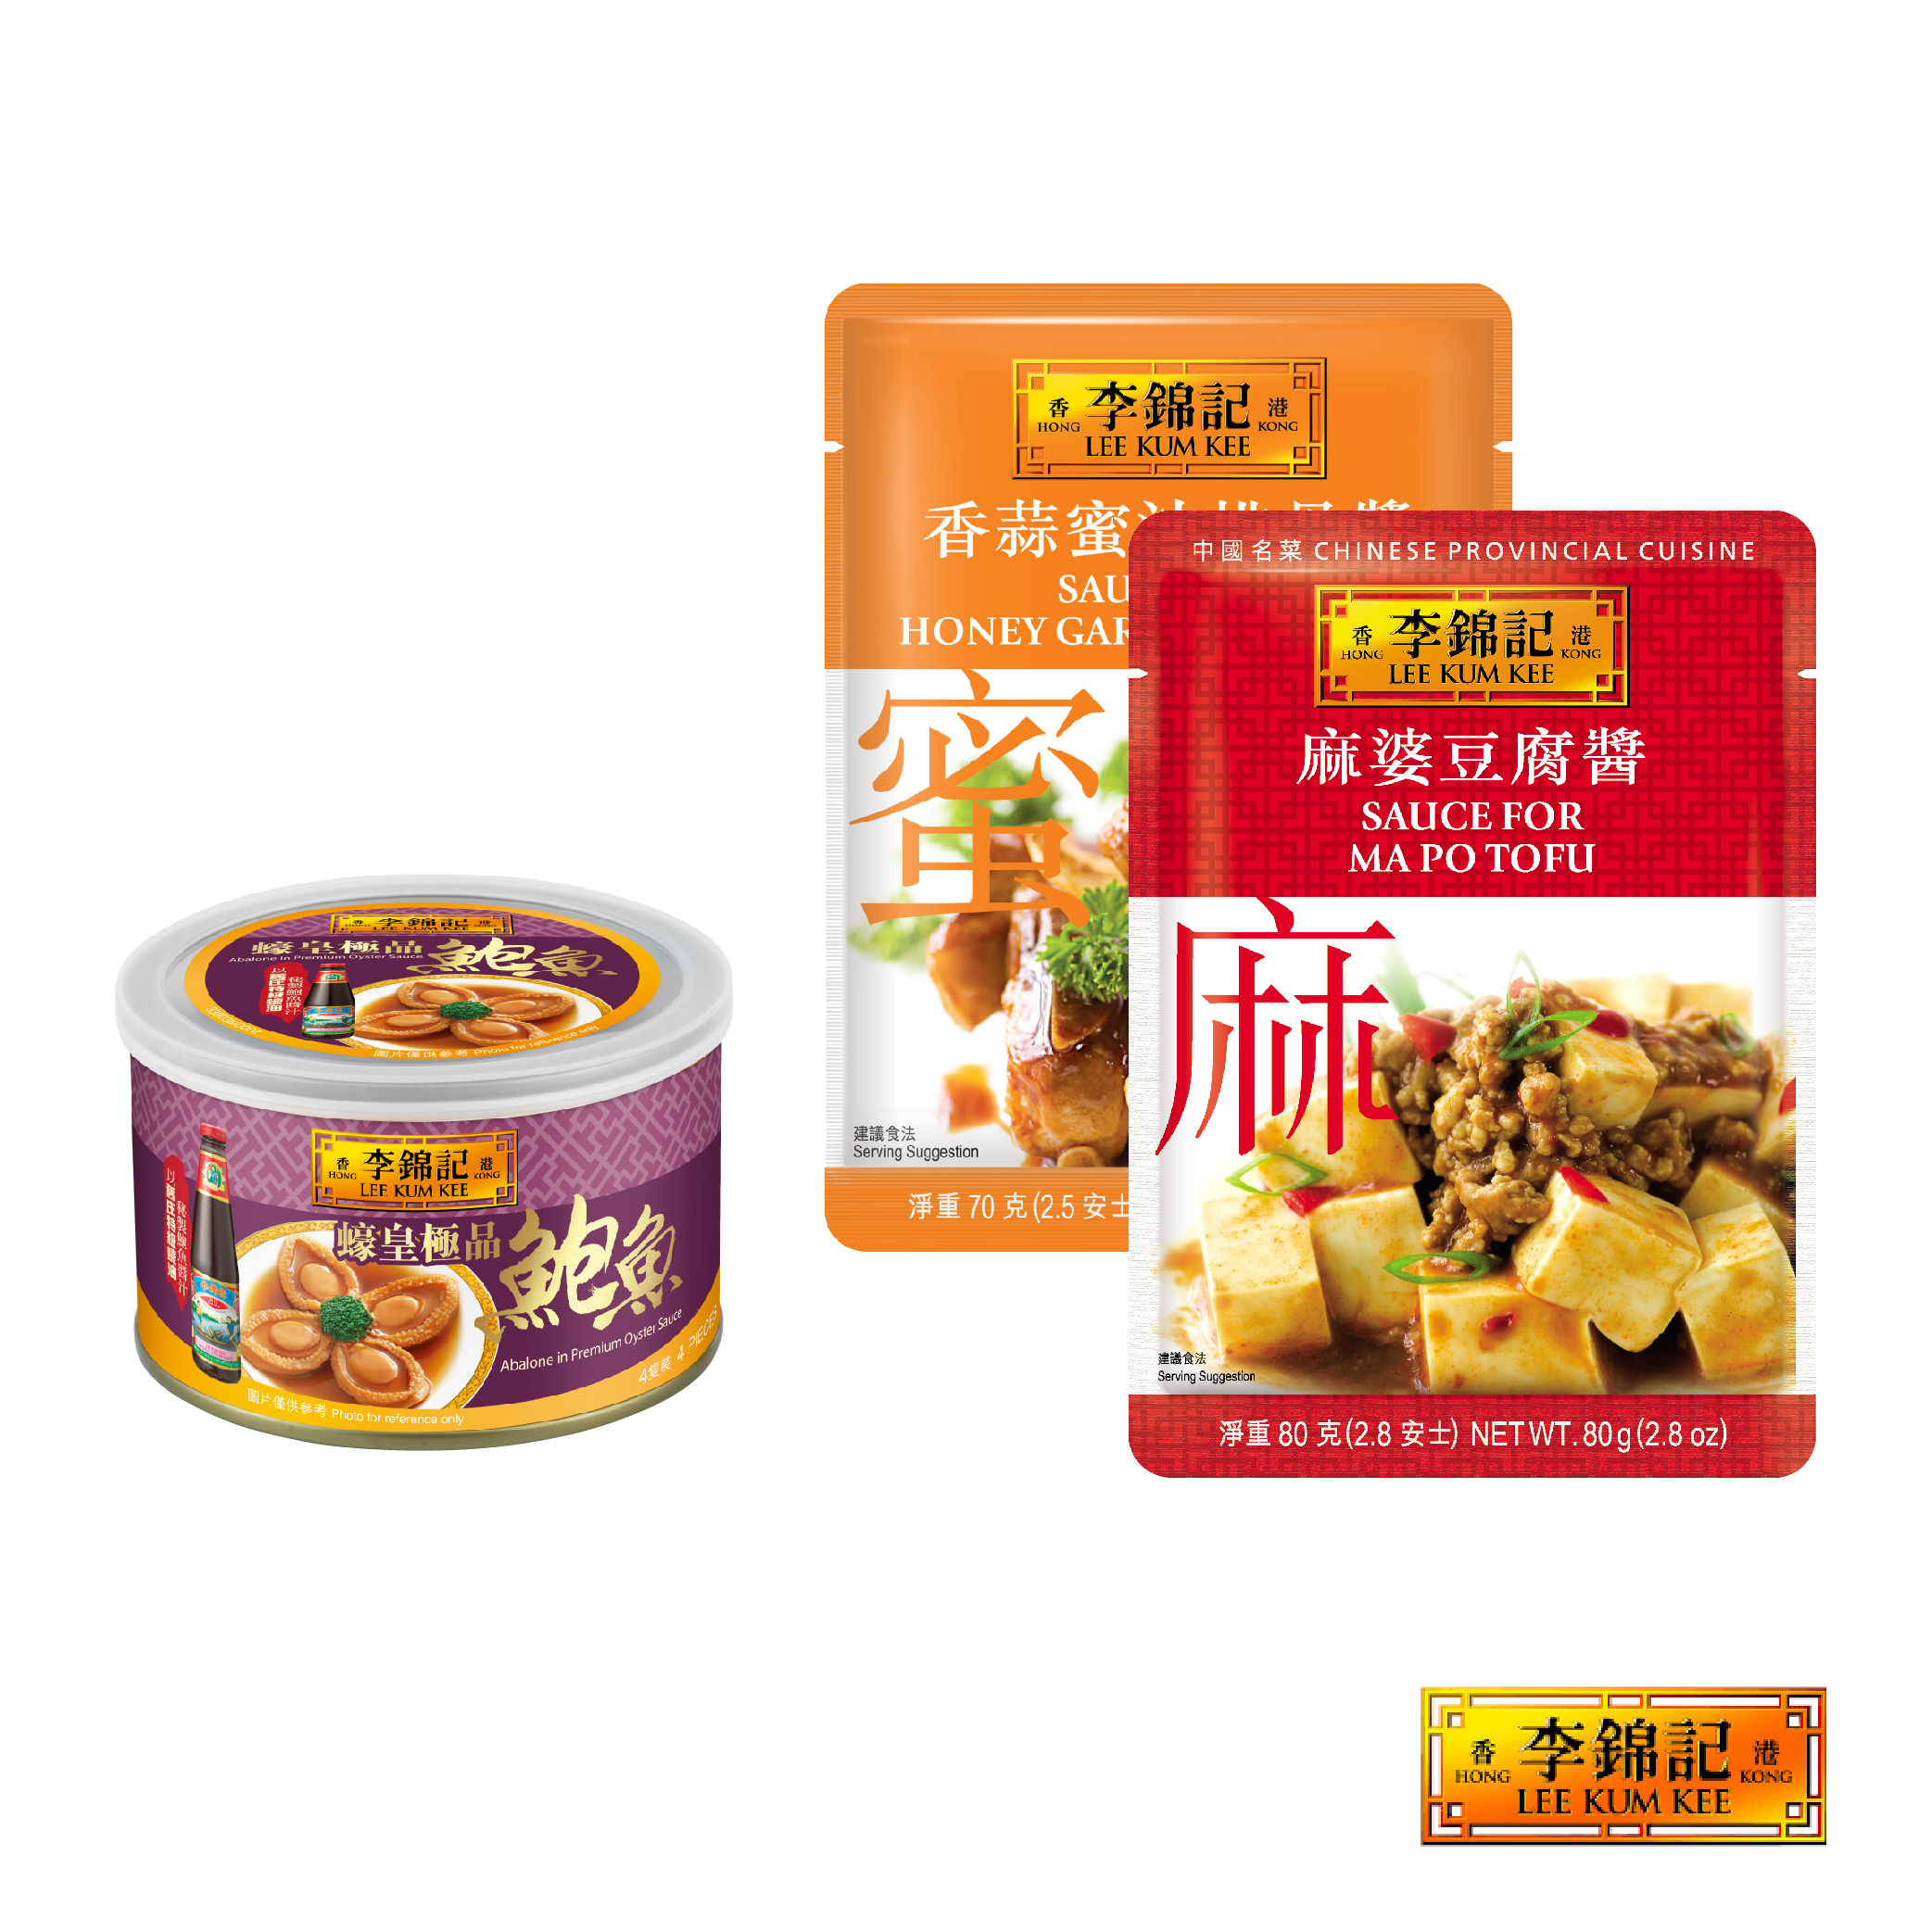 【李錦記】蠔皇極品鮑魚180g+醬料包2入(麻婆豆腐醬/香蒜蜜汁排骨醬)80g